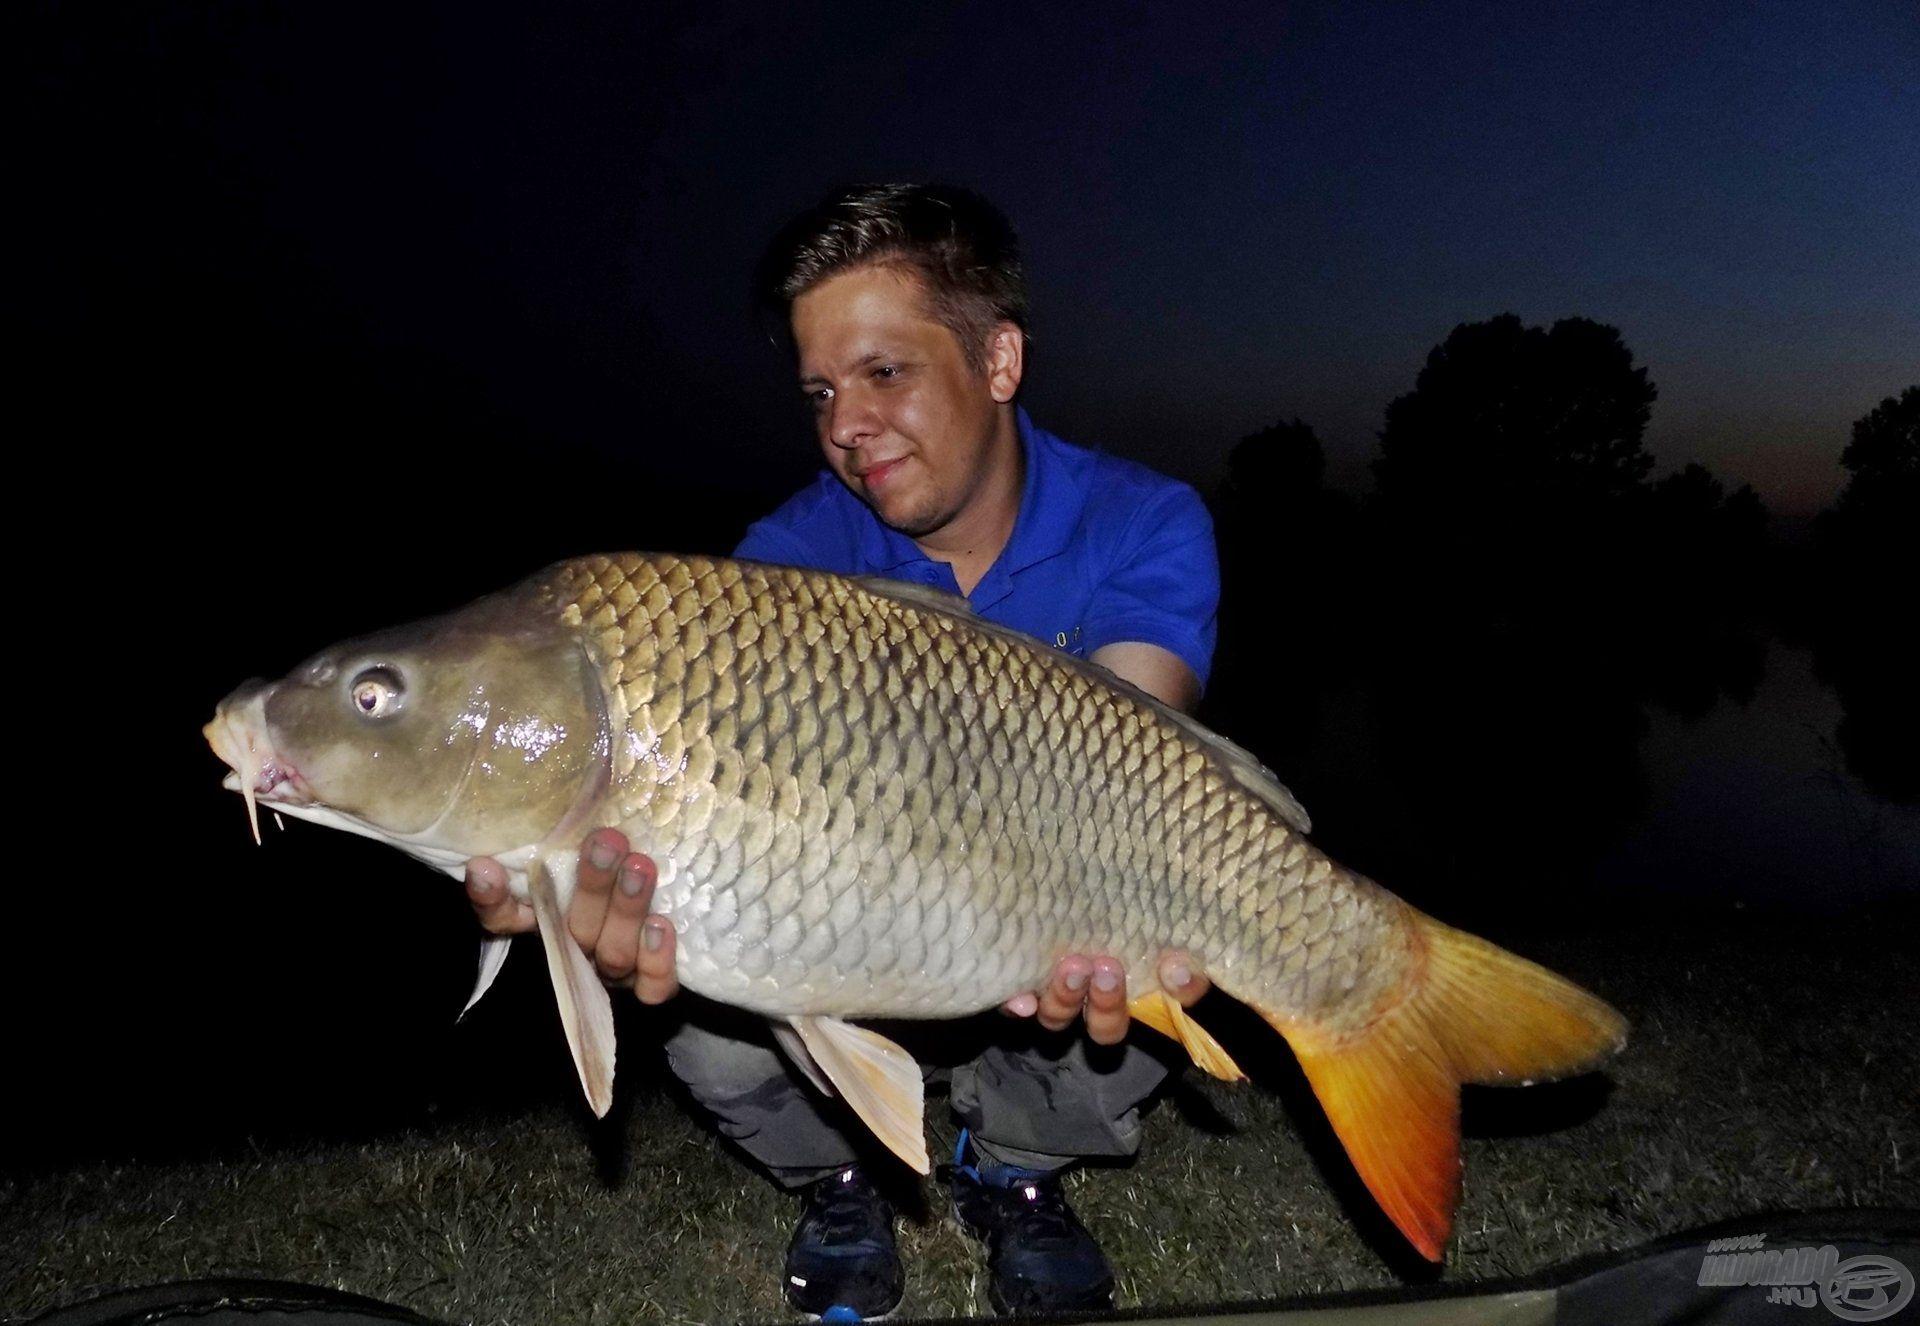 … majd a sötétség beálltával végre megérkeztek azok a halak, akikért érkeztem. Ez a gyönyörű pikkelyes az első nagytestű halam ezen a vízterületen. Öröm volt kézben tartani egy rövid időre